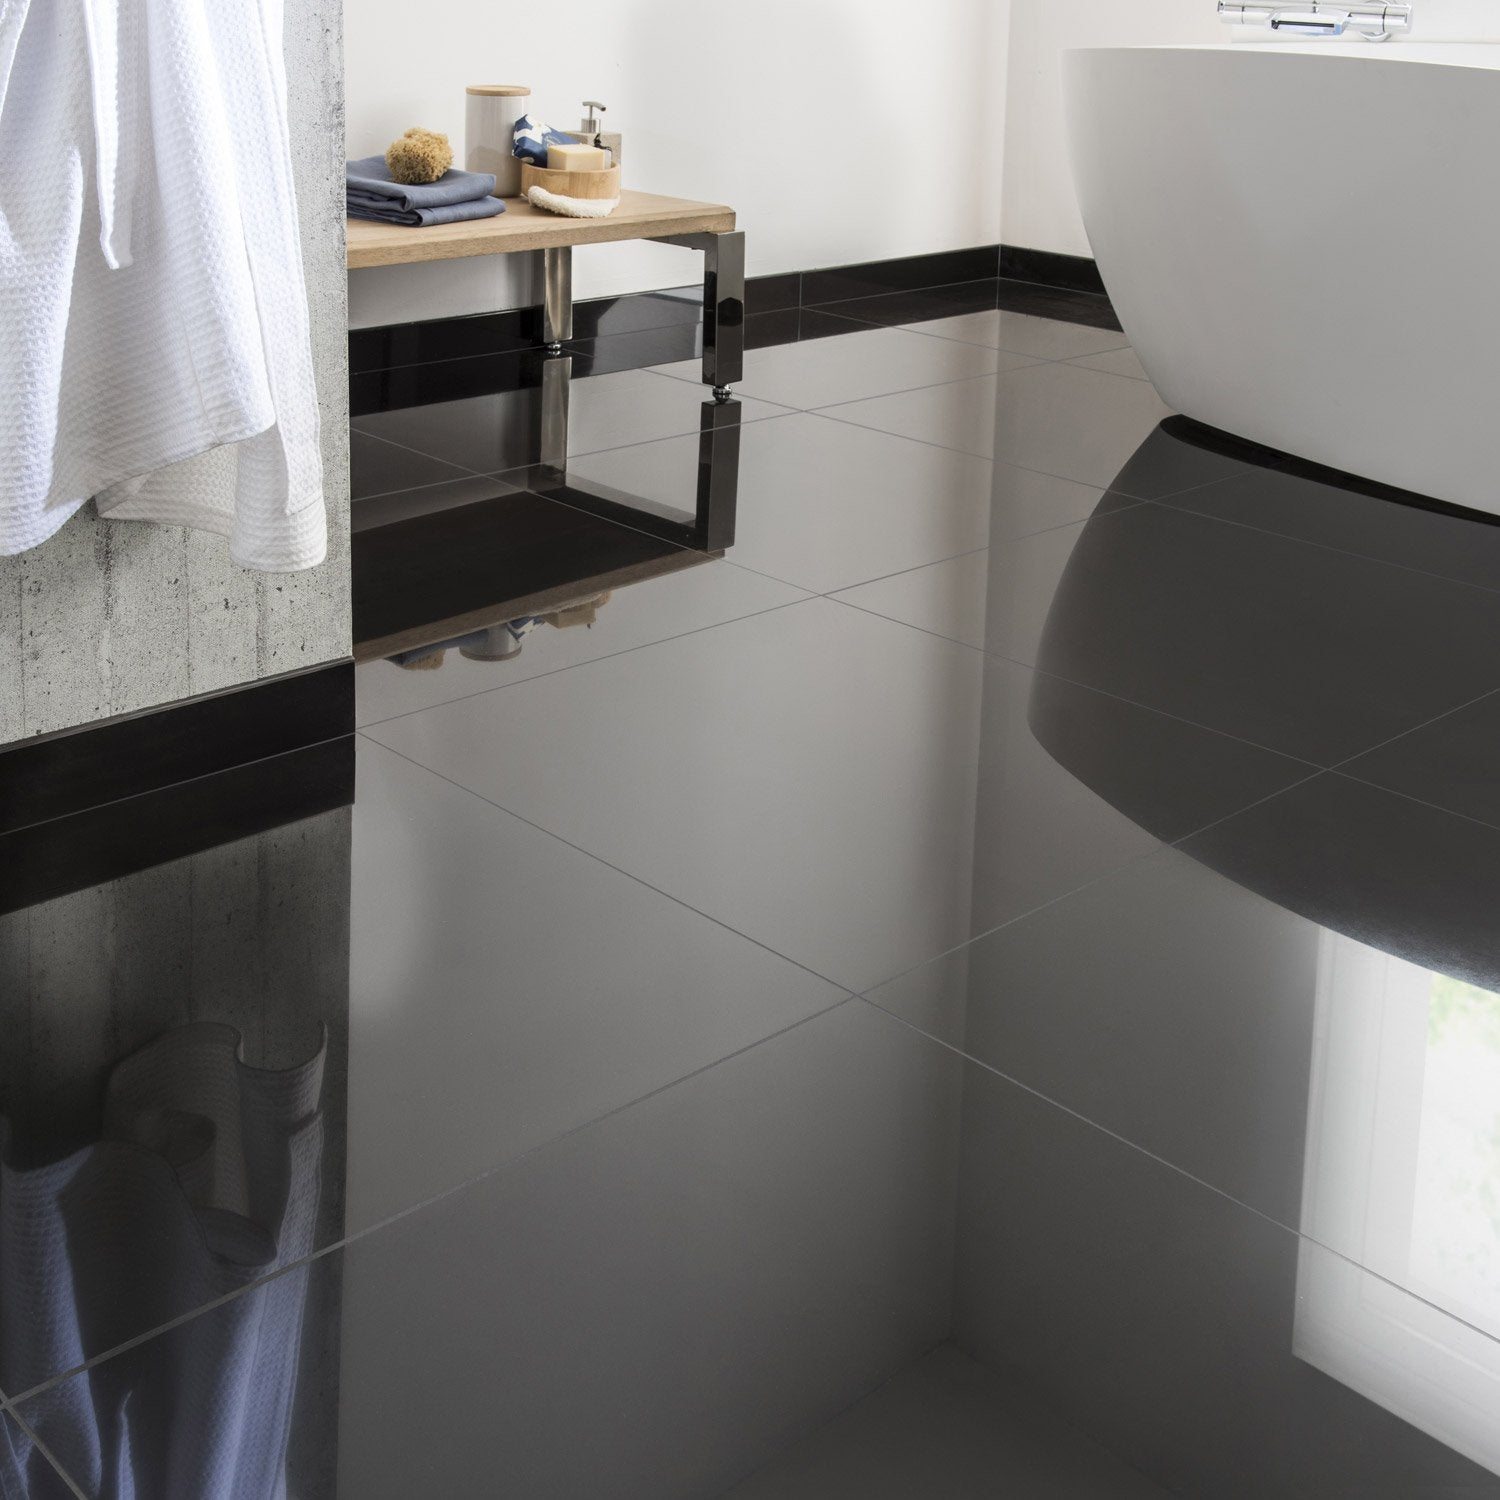 Carrelage sol et mur noir effet uni crystal x cm for Carrelage sol noir